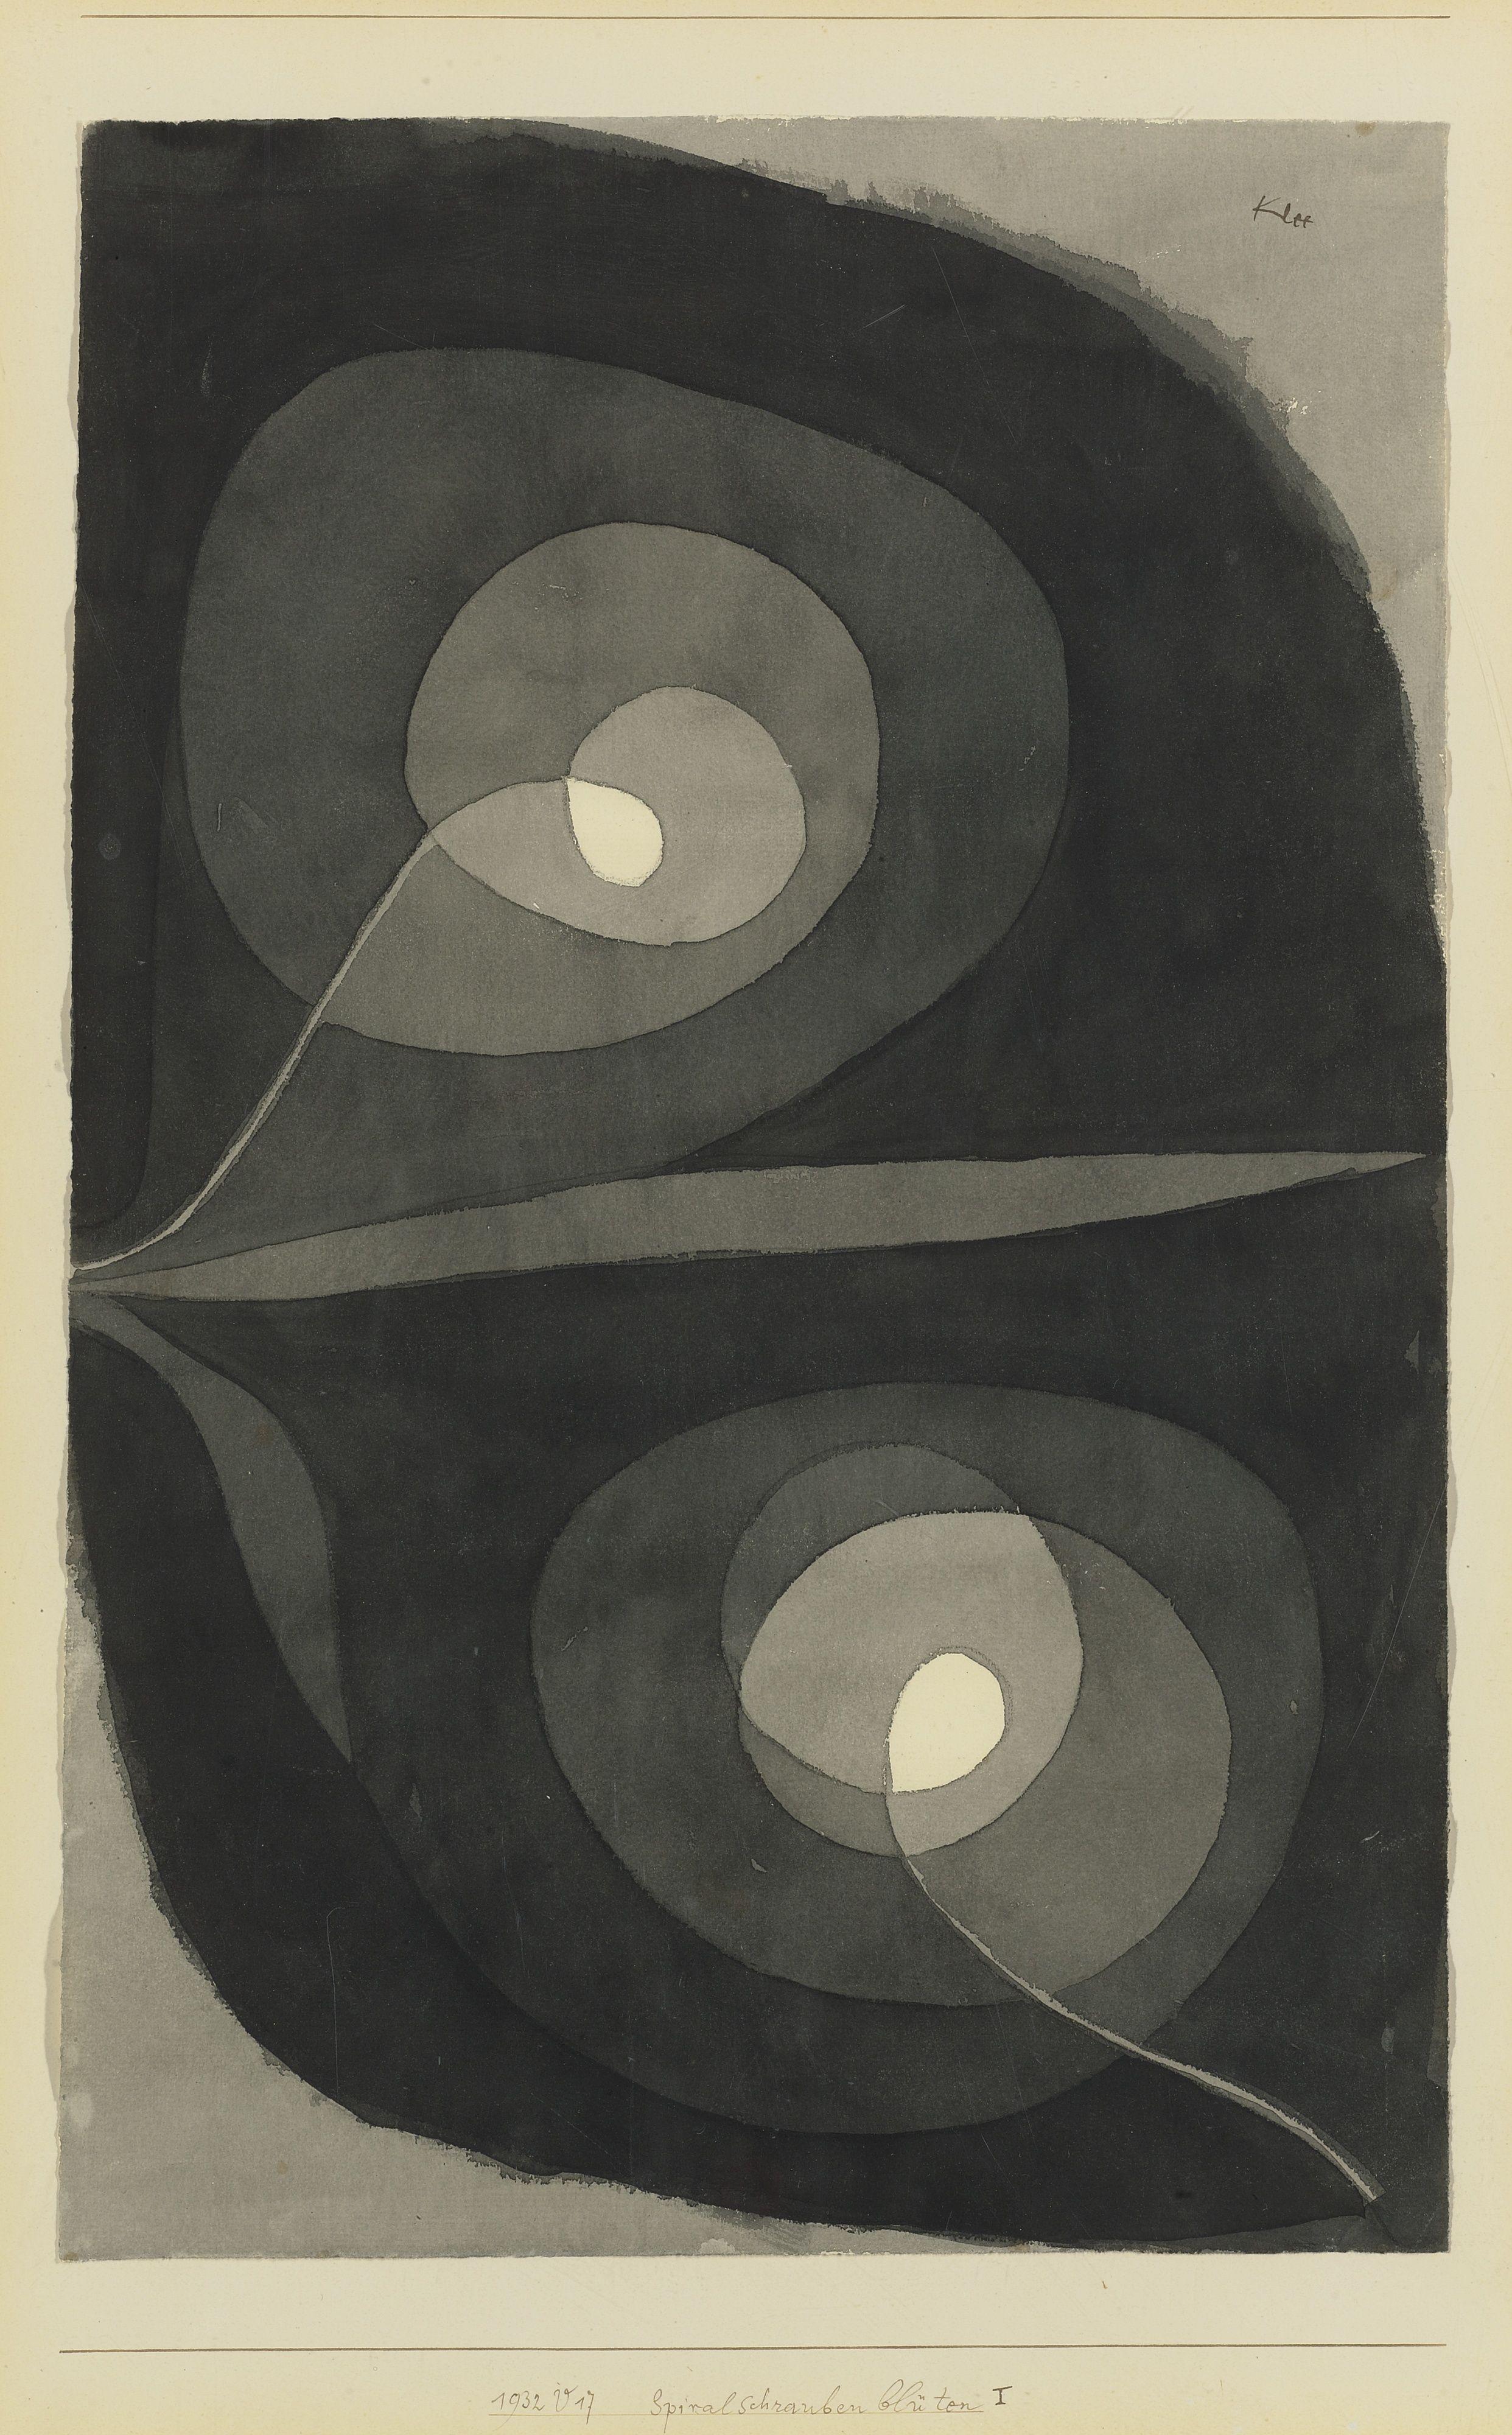 Paul Klee \'Spiralschraubenbluten\' (Spiral Screw Flowers) 1932 ...